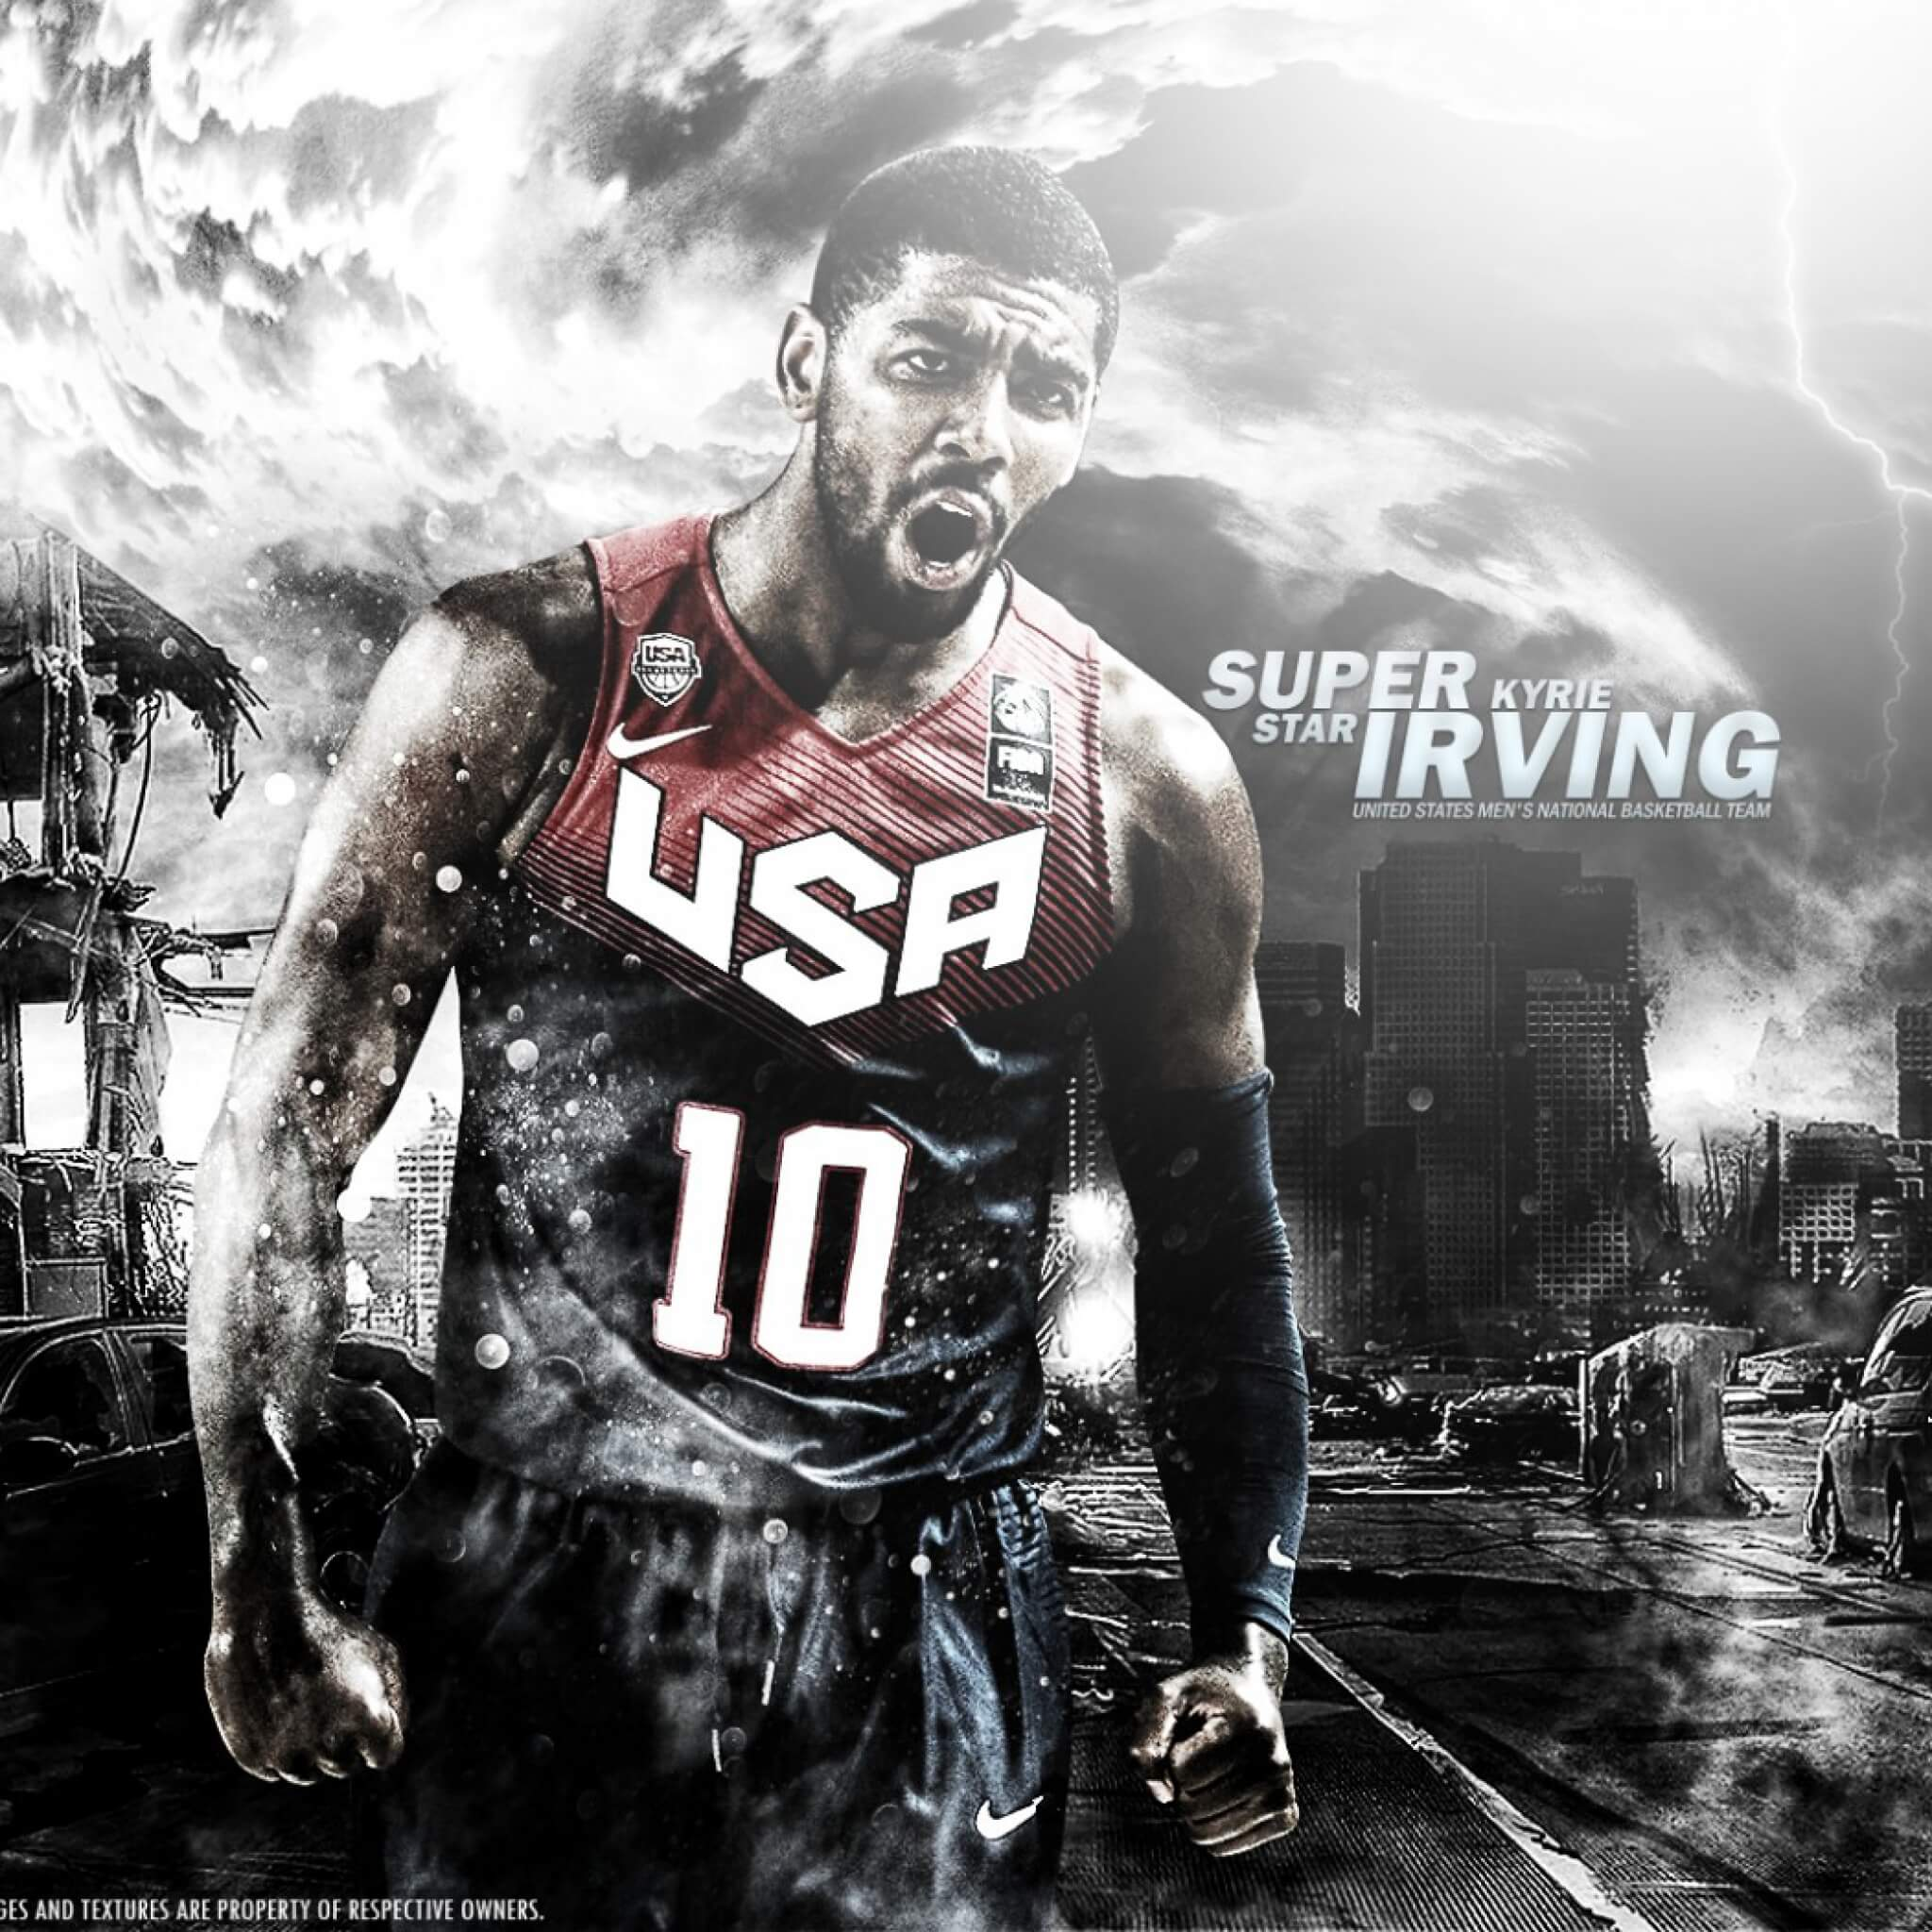 15 fonds d'écran NBA pour fêter la carrière de Kobe Bryant